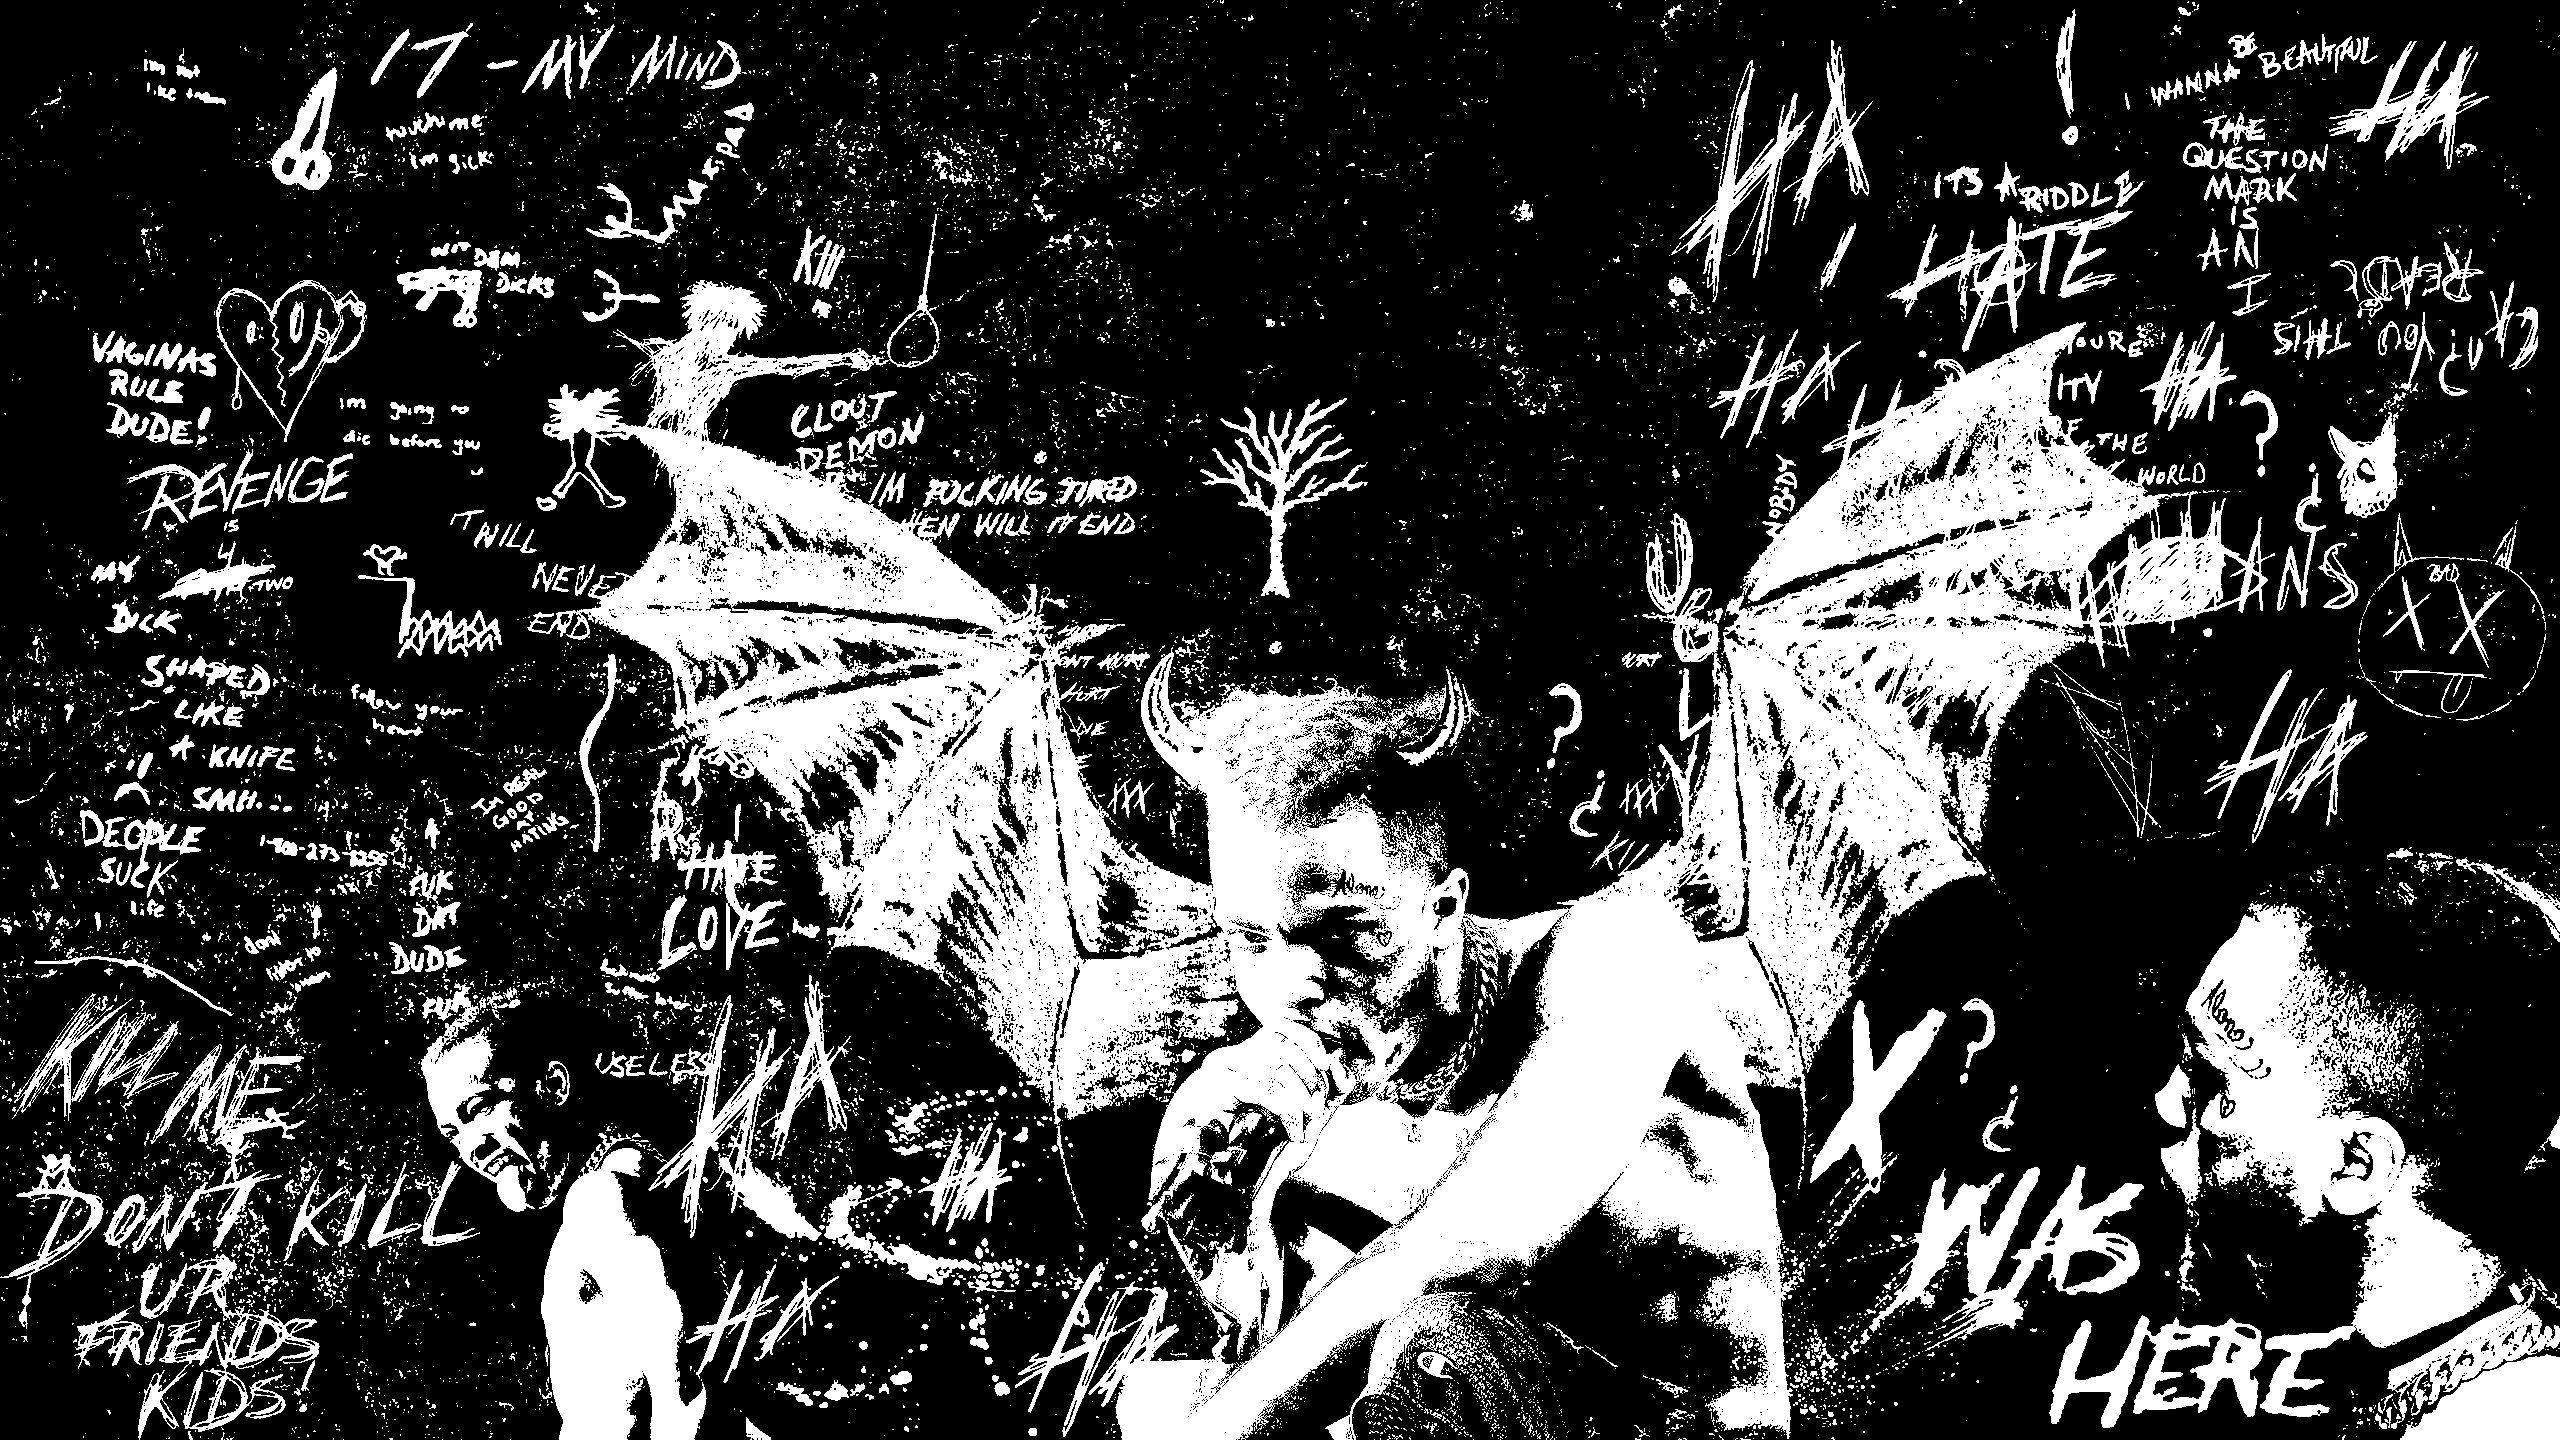 XXXTentacion Wallpapers   Top XXXTentacion Backgrounds 2560x1440